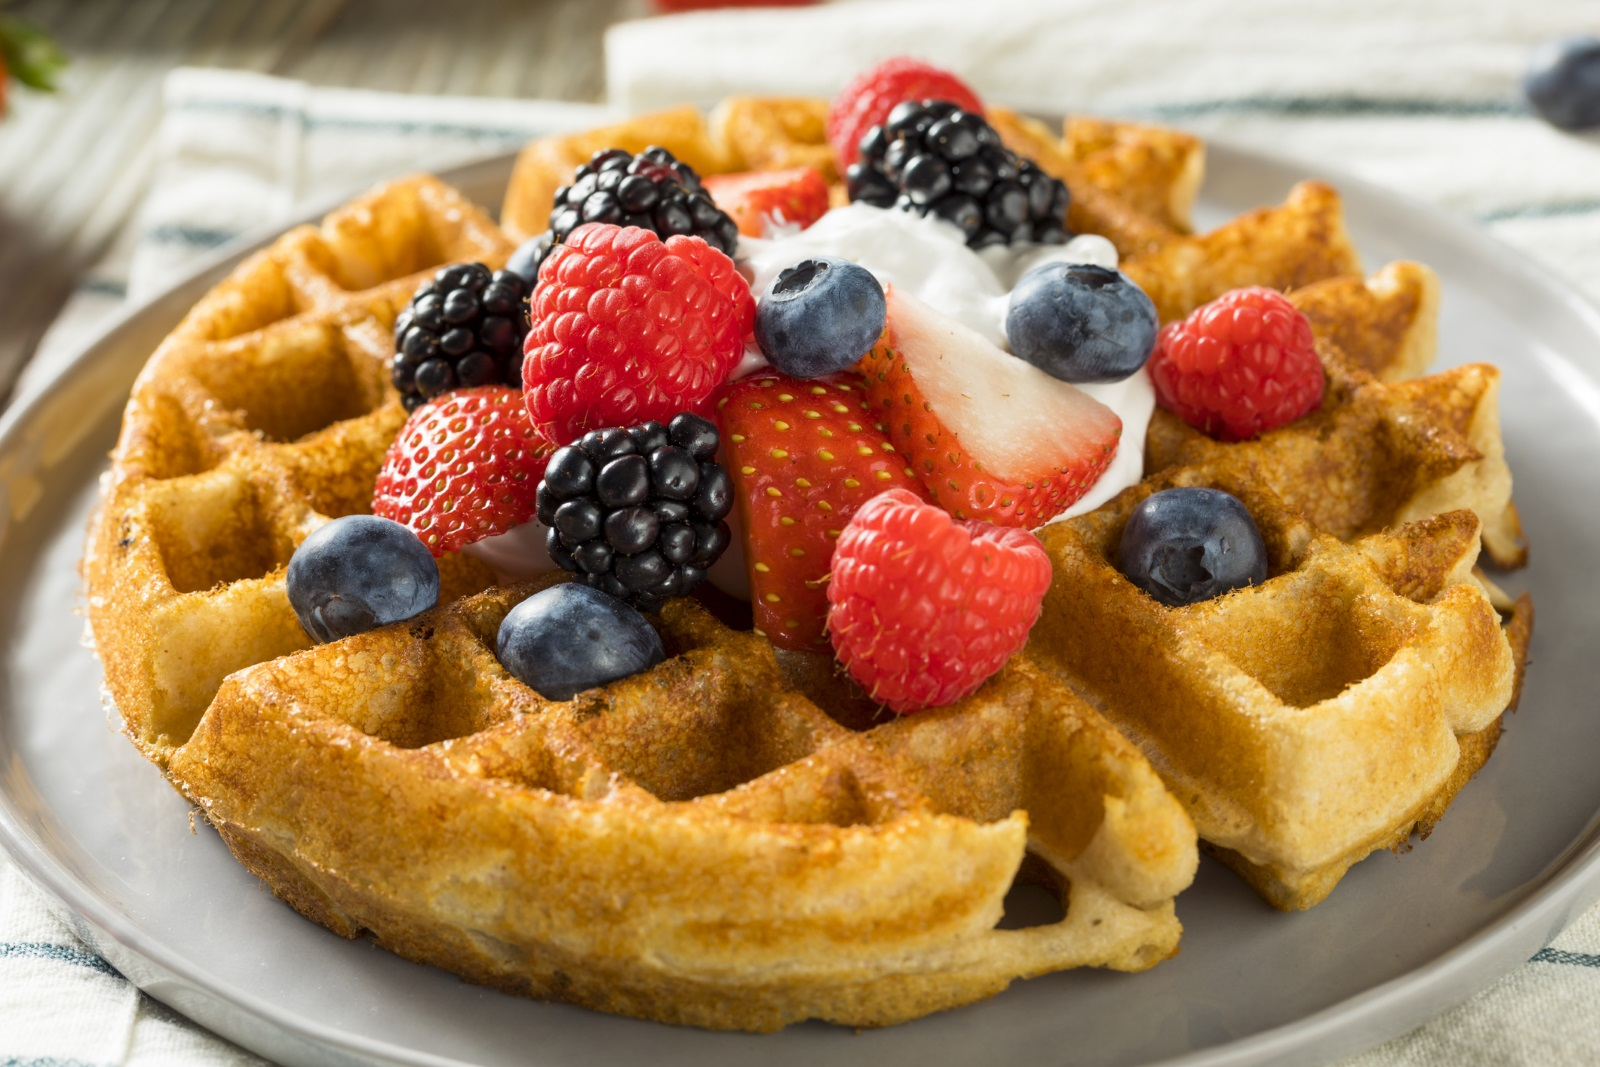 Ако половинката ви е зодия Стрелец, зарадвайте го/я с вкусни гофрети с домашно сладко или плодове за закуска.